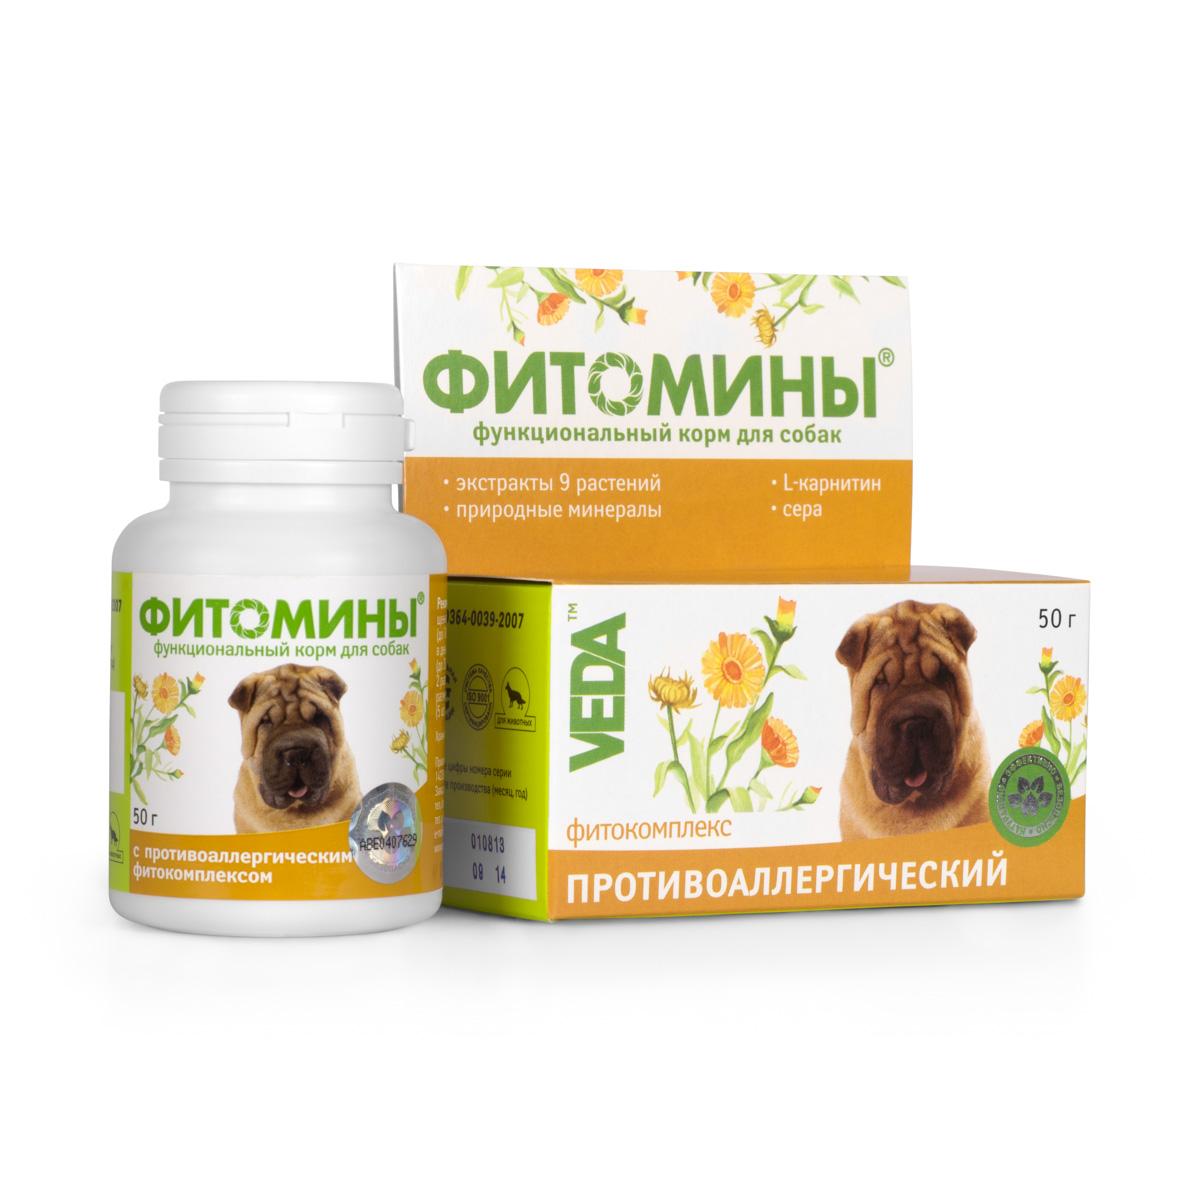 Корм для собак VEDA Фитомины, функциональный, с противоаллергическим фитокомплексом, 50 г4605543005831Функциональный корм для собак VEDA Фитомины с противоаллергическим фитокомплексом снижает выраженность аллергических реакций на пищу, бытовую химию и лекарственные раздражители. Рекомендуется включать в рацион: - при проявлении кожных аллергических реакций: зуд, покраснение, сыпь, экзема, - при рвоте и диарее вследствие аллергии, - для снижения предрасположенности к аллергическим заболеваниям.Состав: лактоза; крахмал; дрожжи пивные; фитокомплекс: травы сушеницы топяной, травы череды, травы тысячелистника, травы чистотела, почек березовых, листьев березы, листьев подорожника большого, корней лопуха, корней одуванчика, цветков ноготков; природный минеральный комплекс; паровая мясная мука; стеарат кальция; L-карнитин; сера. В 100 г продукта содержится (не менее): углеводы - 87 г; жиры - 0,3 г; белки - 5,5 г; кальций - 600 мг; фосфор - 360 мг; железо - 15,0 мг; цинк - 4 мг; марганец - 0,1 мг; медь - 0,3 мг; L-карнитин - 0,5 г; сера - 0,1 г.Энергетическая ценность в 100 г: 380 ккал.Товар сертифицирован.Чем кормить пожилых собак: советы ветеринара. Статья OZON Гид